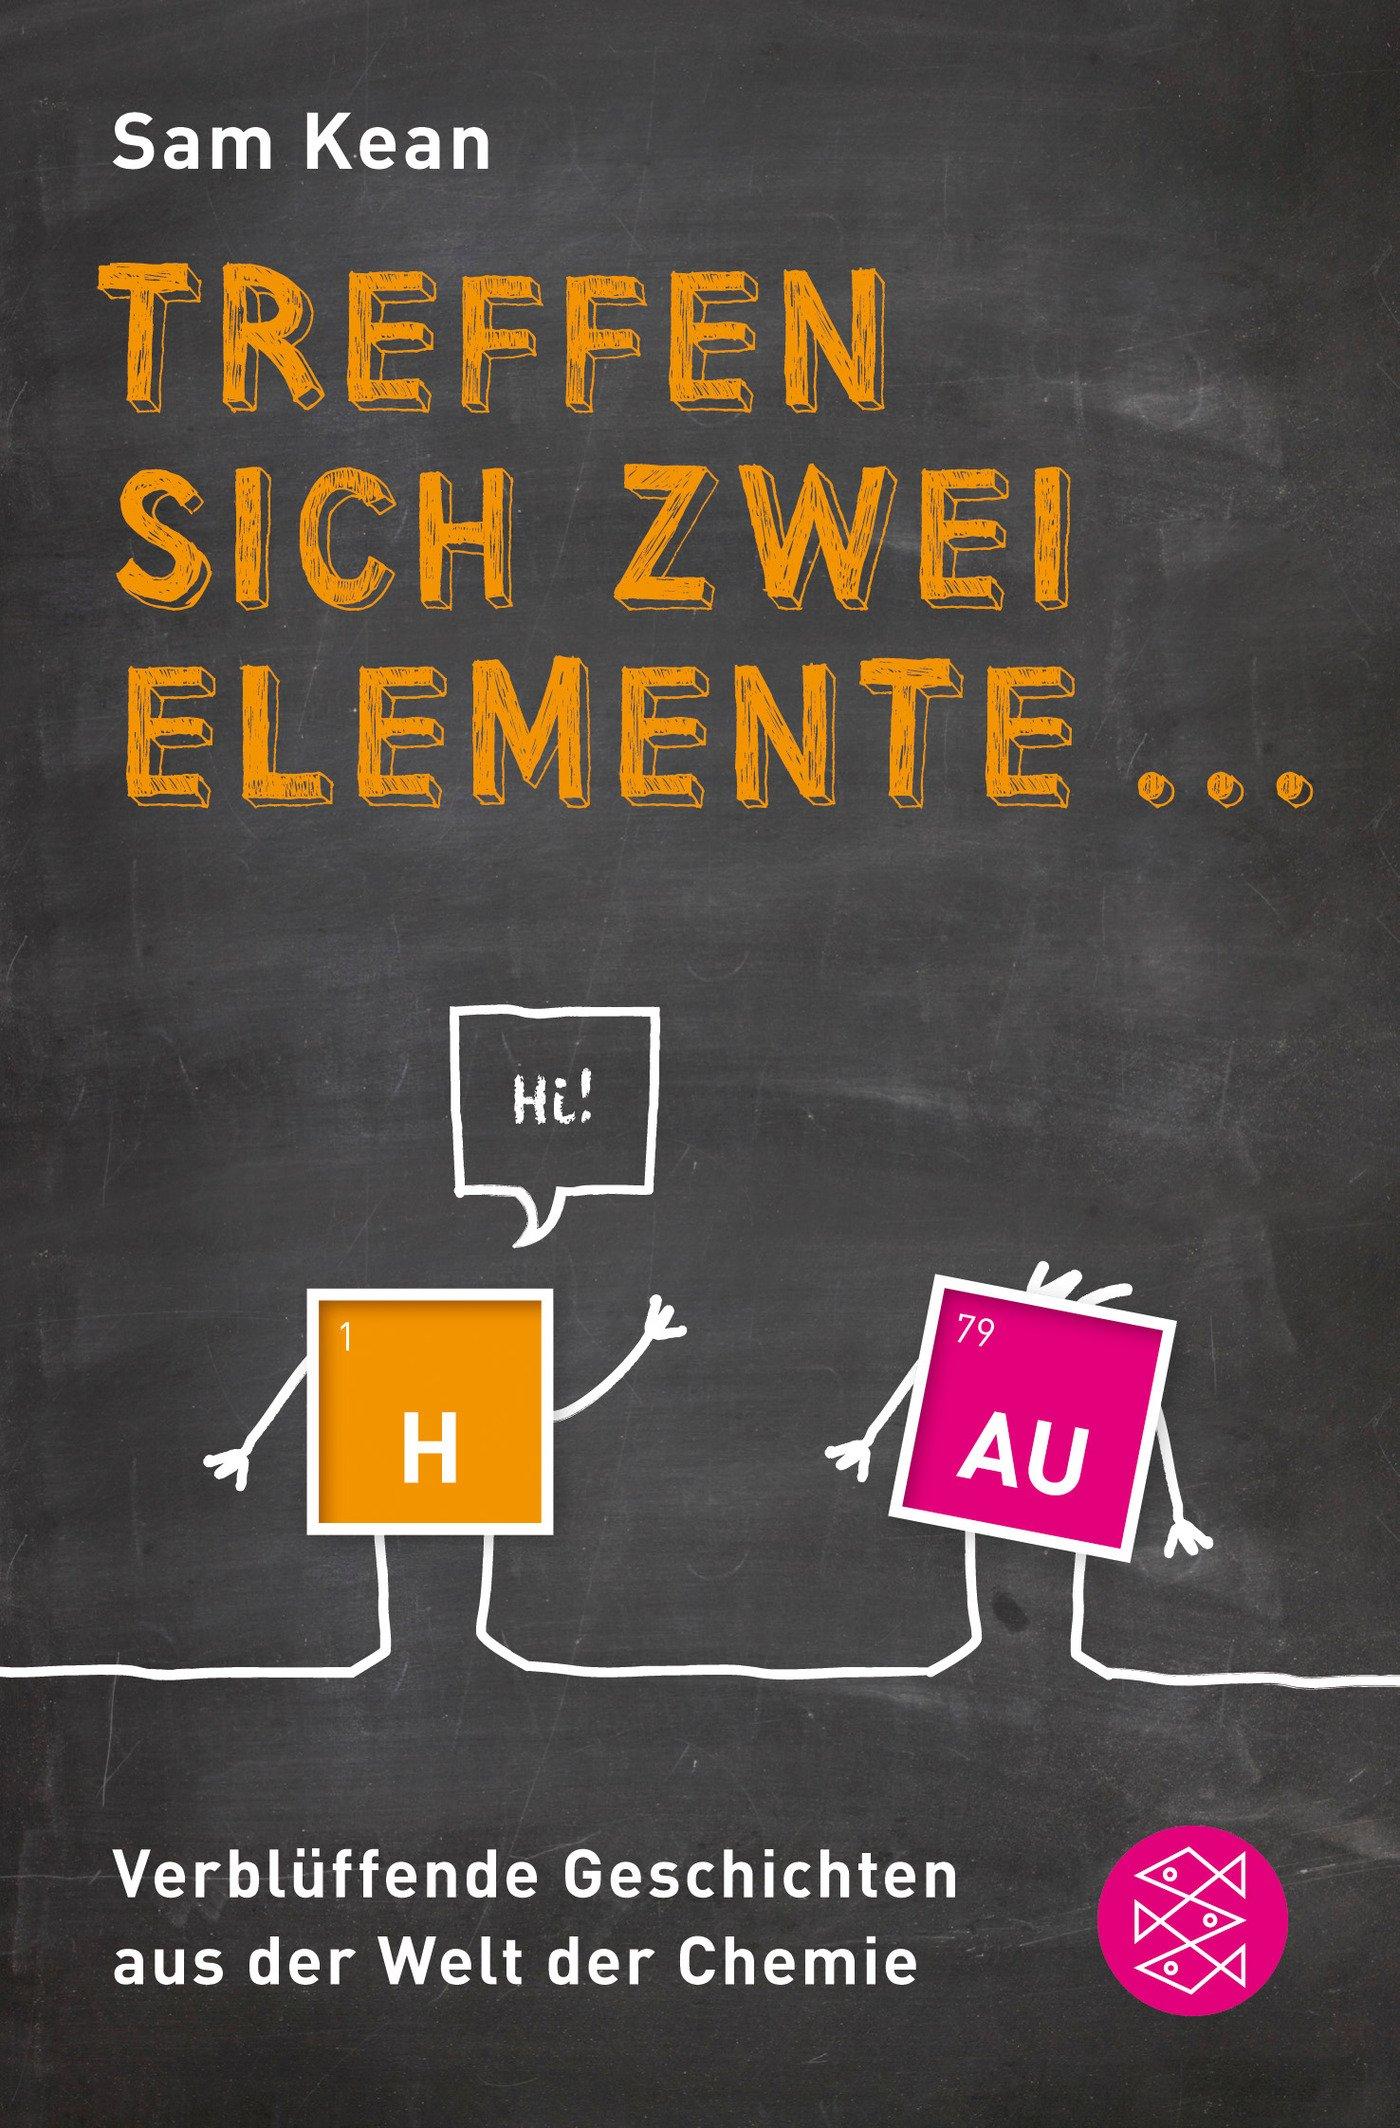 treffen-sich-zwei-elemente-verblffende-geschichten-aus-der-welt-der-chemie